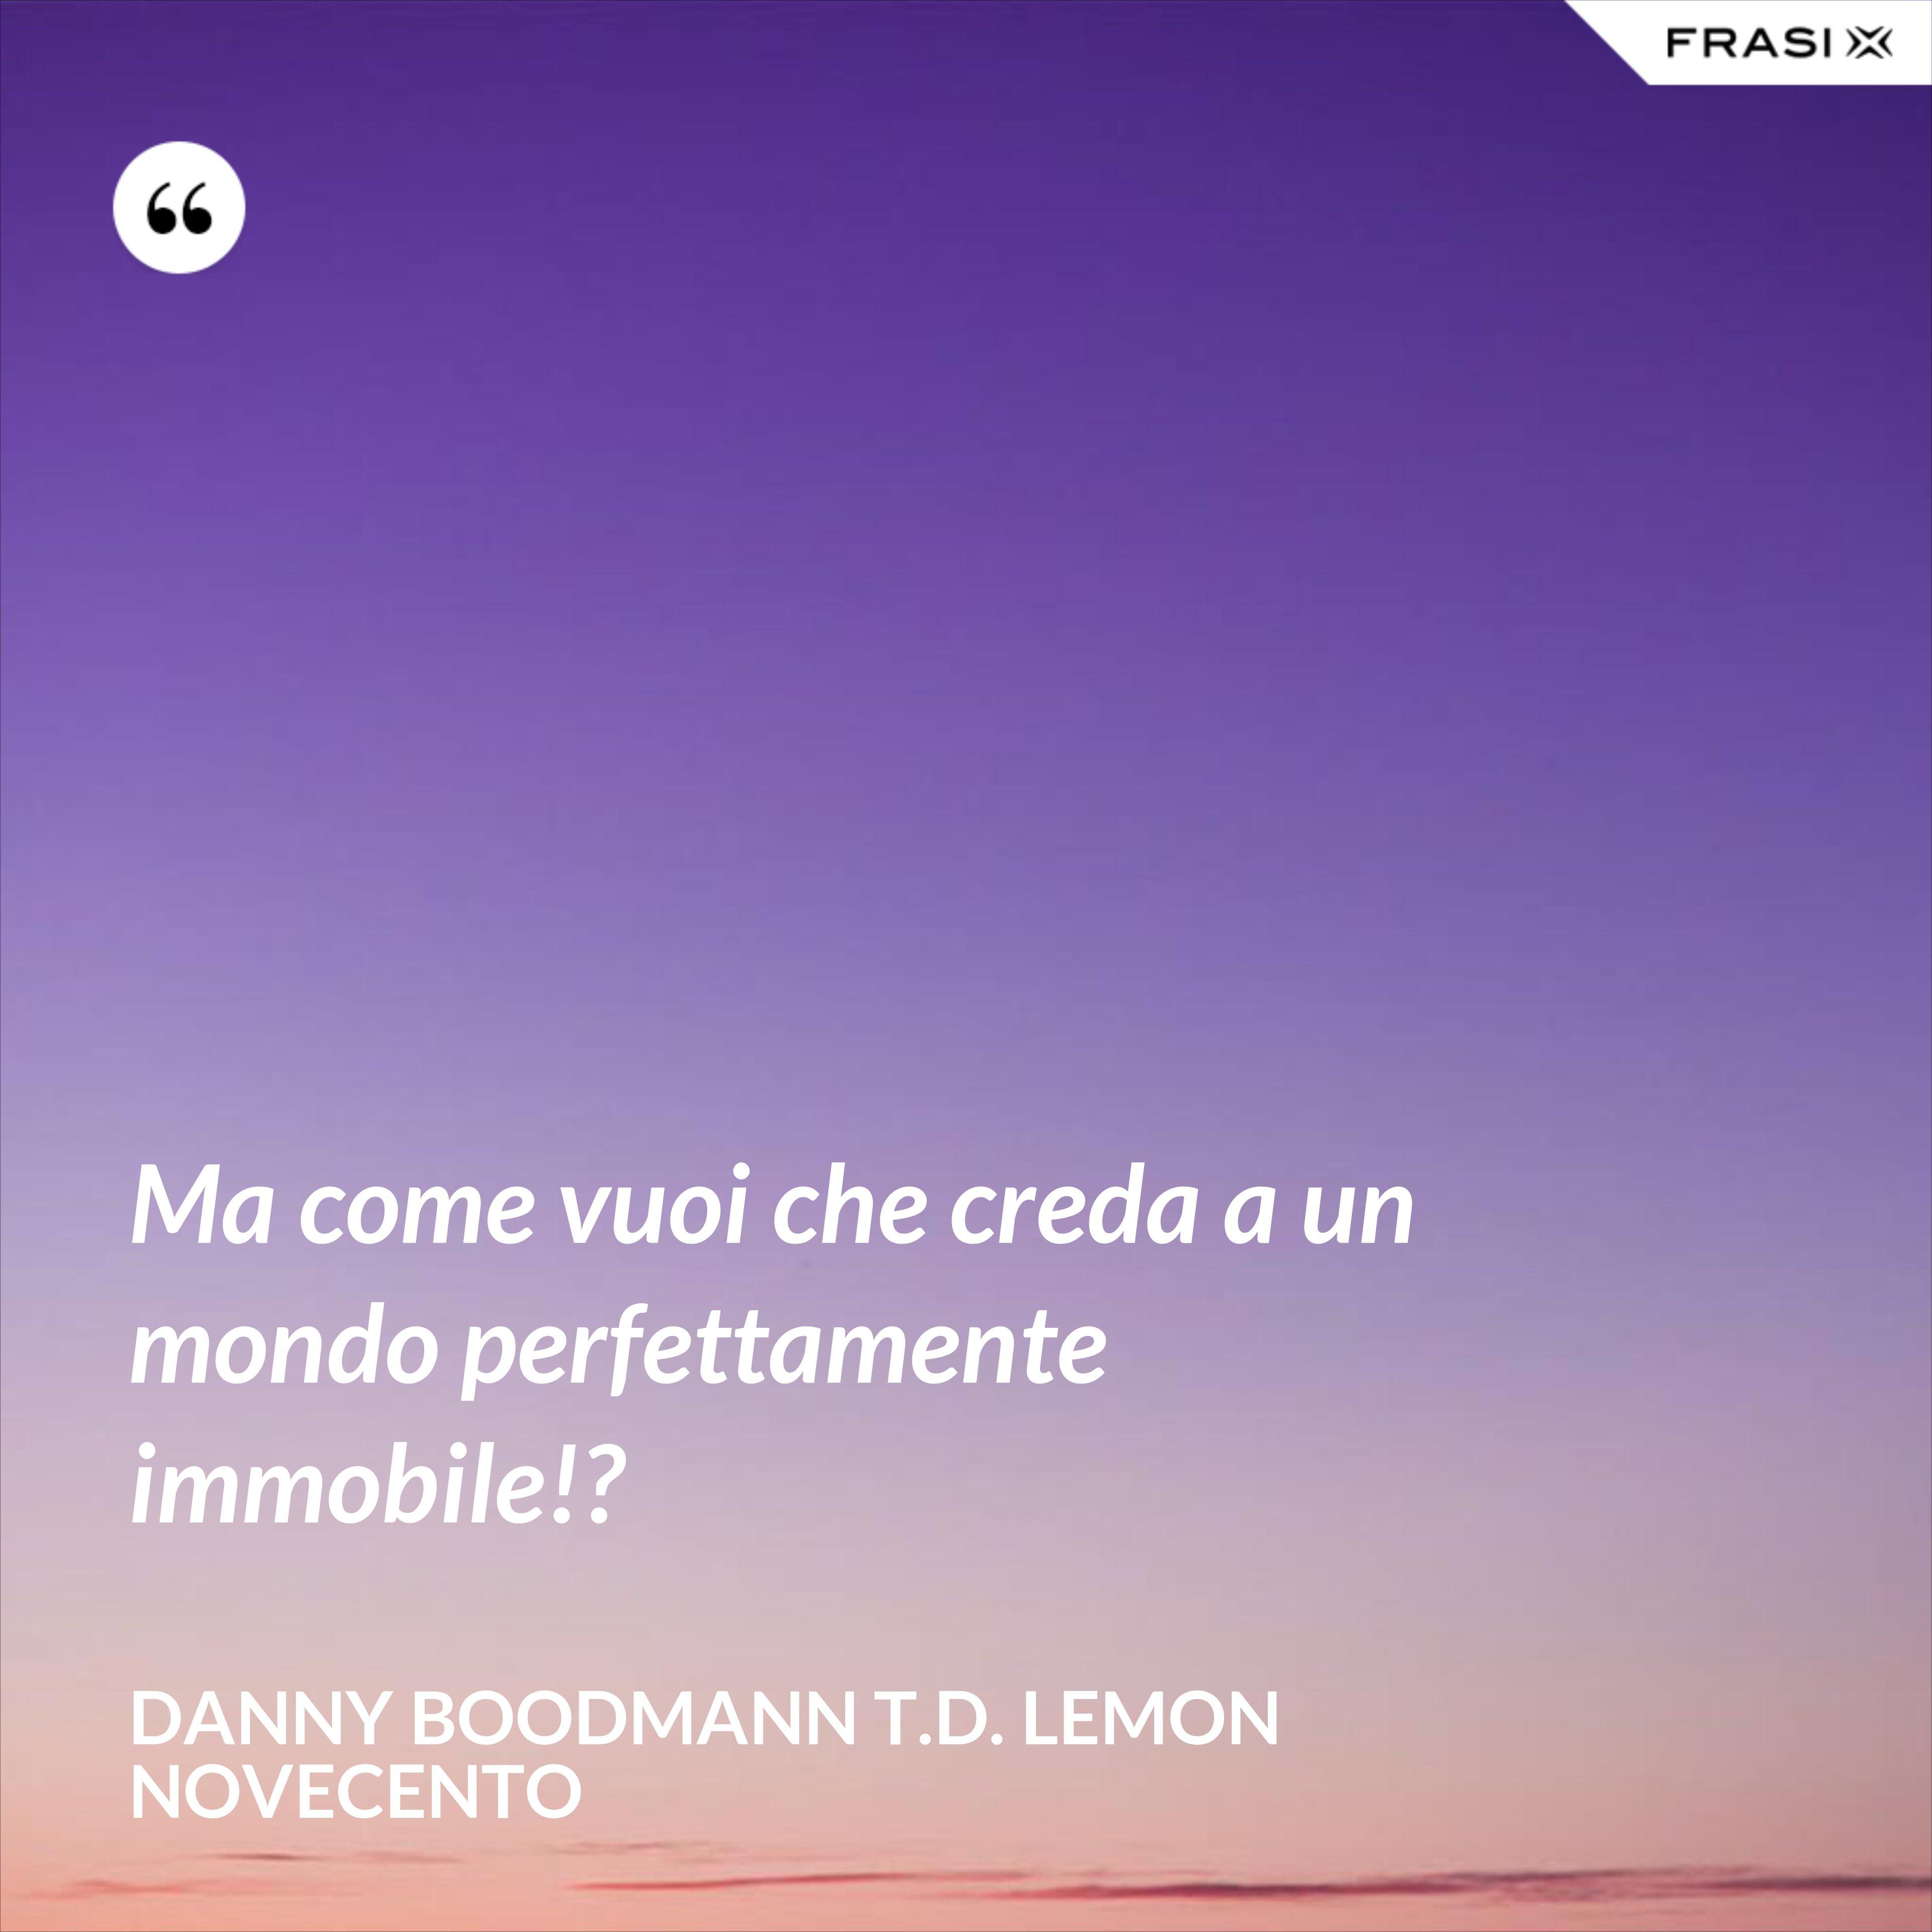 Ma come vuoi che creda a un mondo perfettamente immobile!? - Danny Boodmann T.D. Lemon Novecento